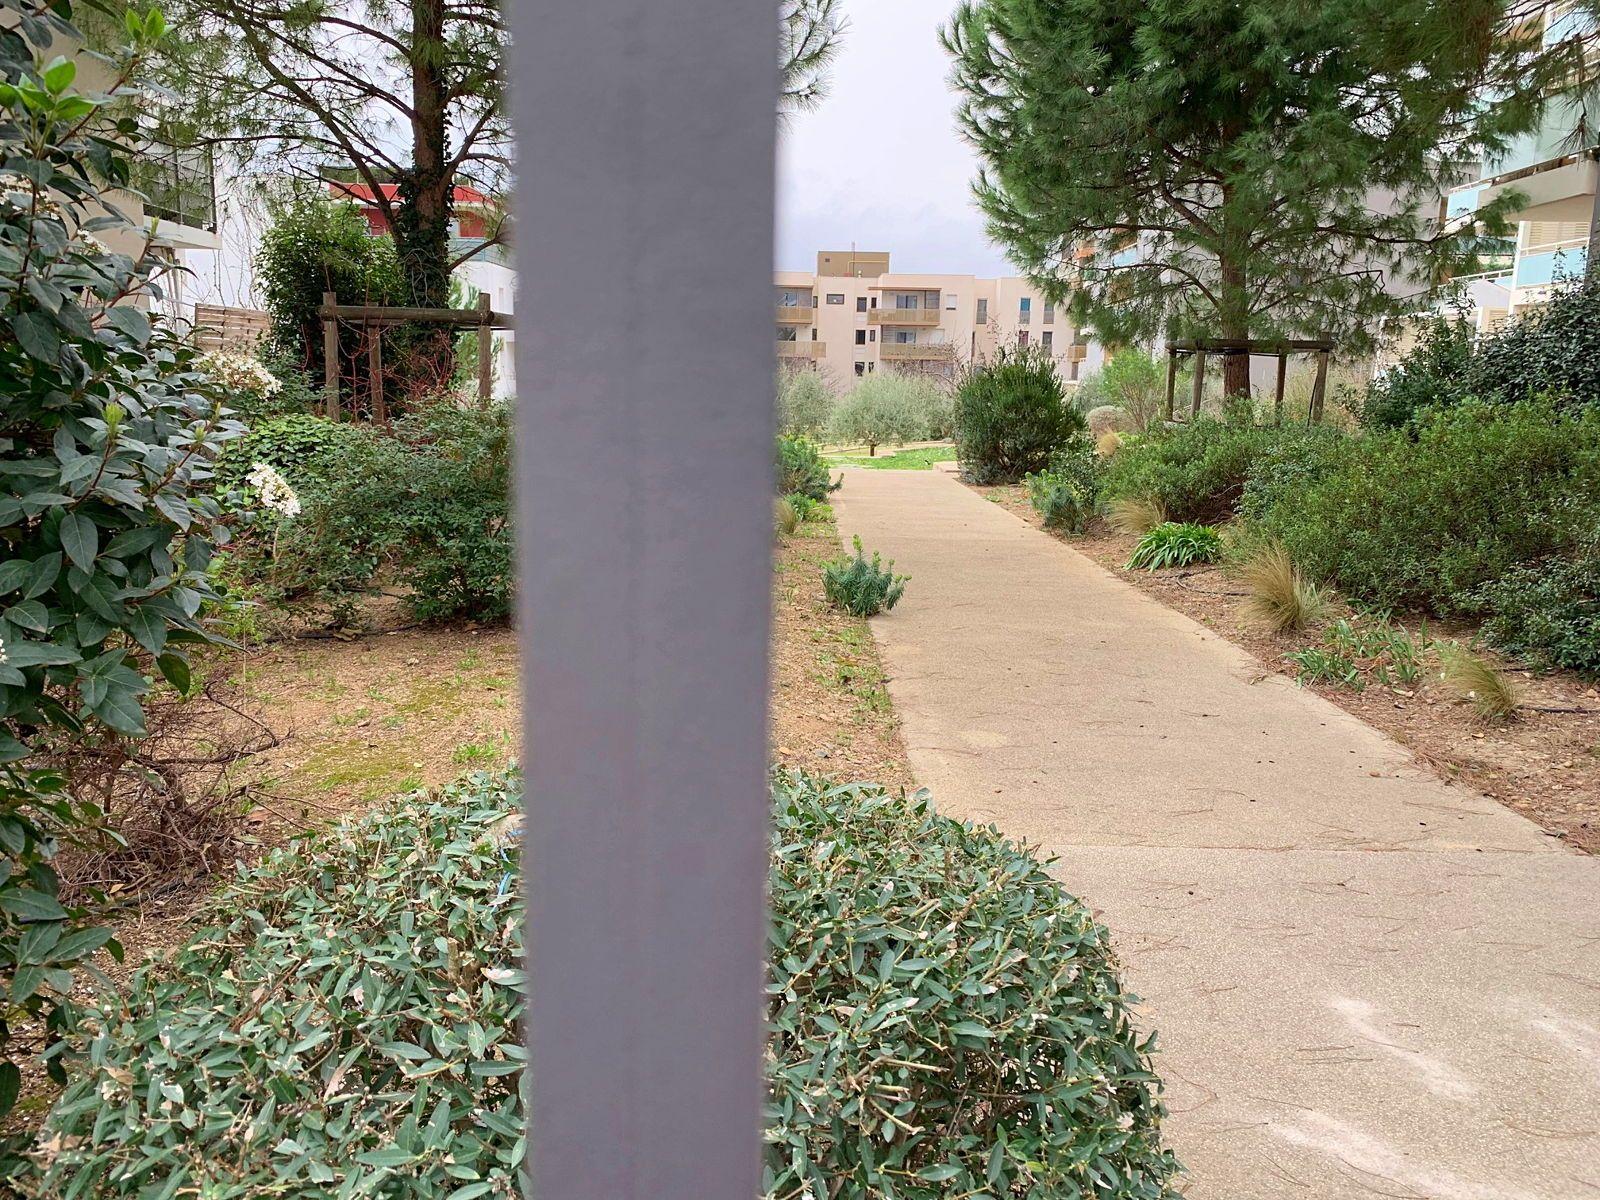 Loue appartement T371m² - 2garages fermés - Montpellier Quartier OVALIE (34)